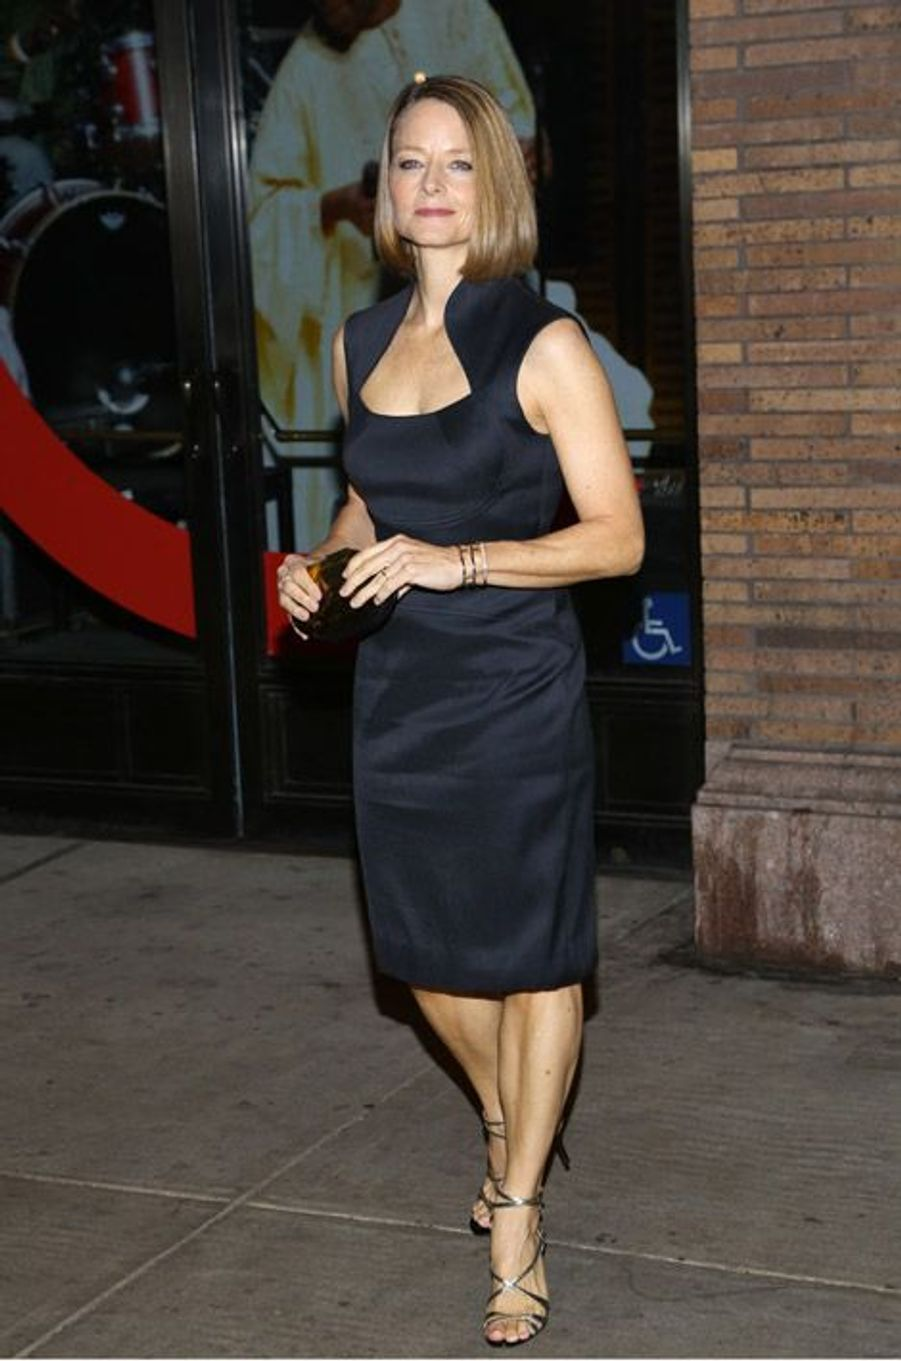 L'actrice Jodie Foster lors de la soirée Glamour Women of the Year 2014, à New York, le 10 novembre 2014